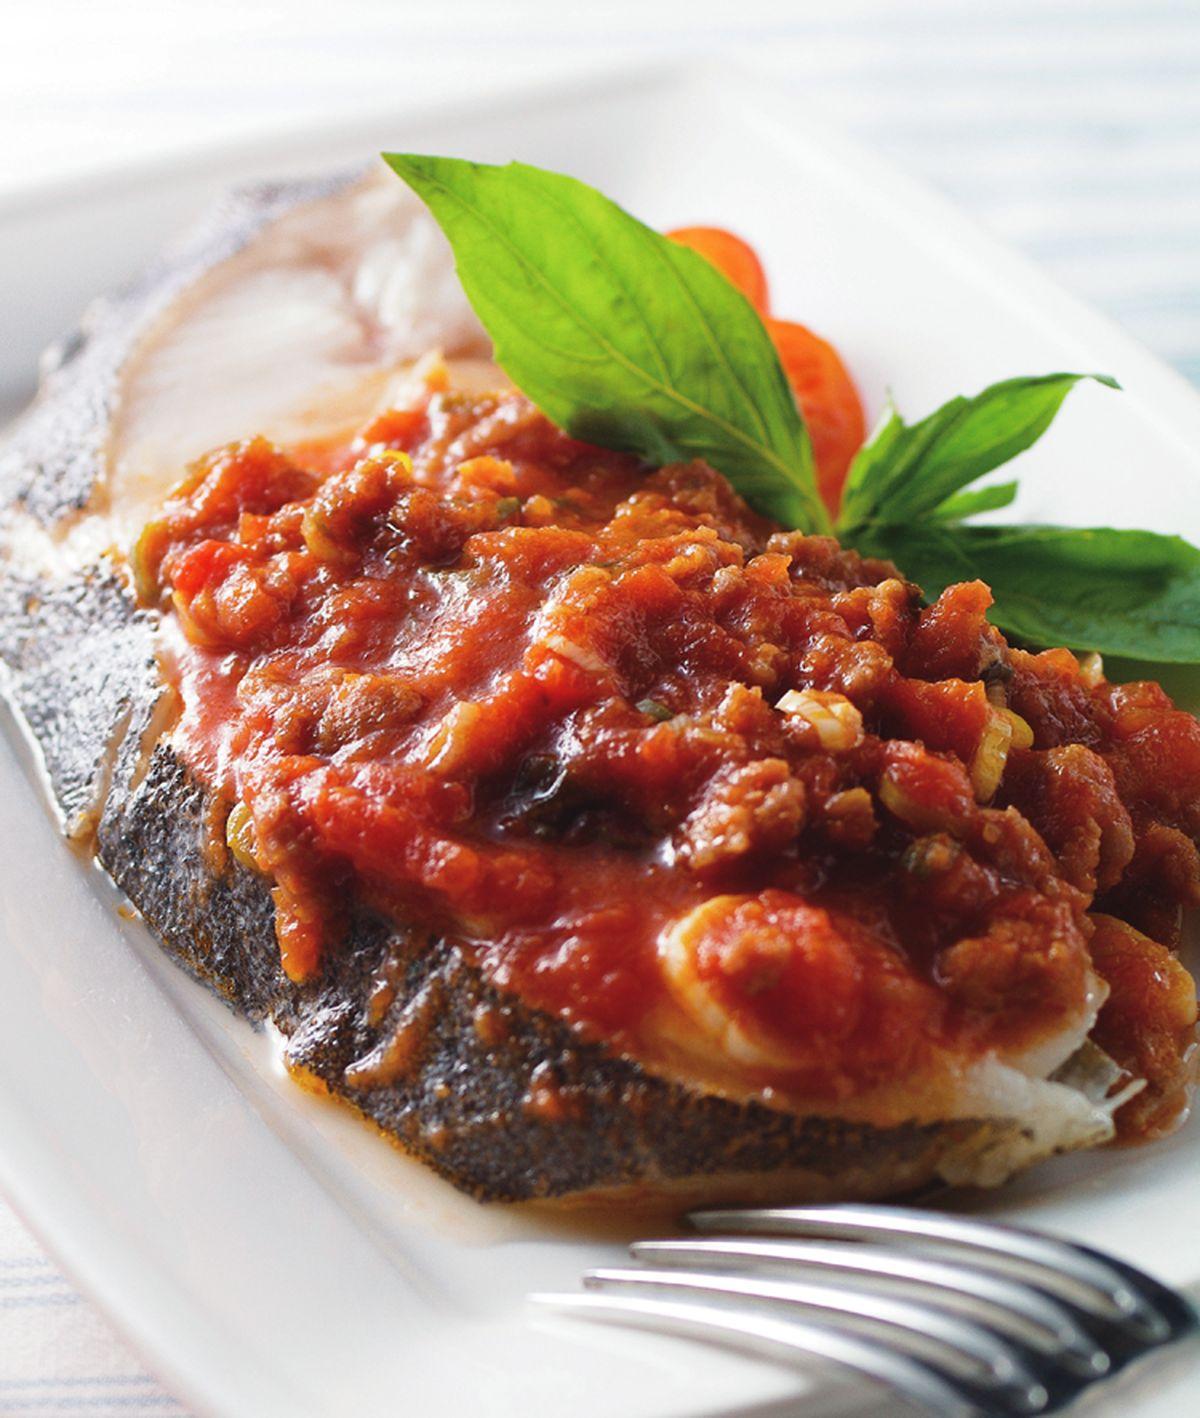 食譜:蕃茄肉醬蒸鱈魚